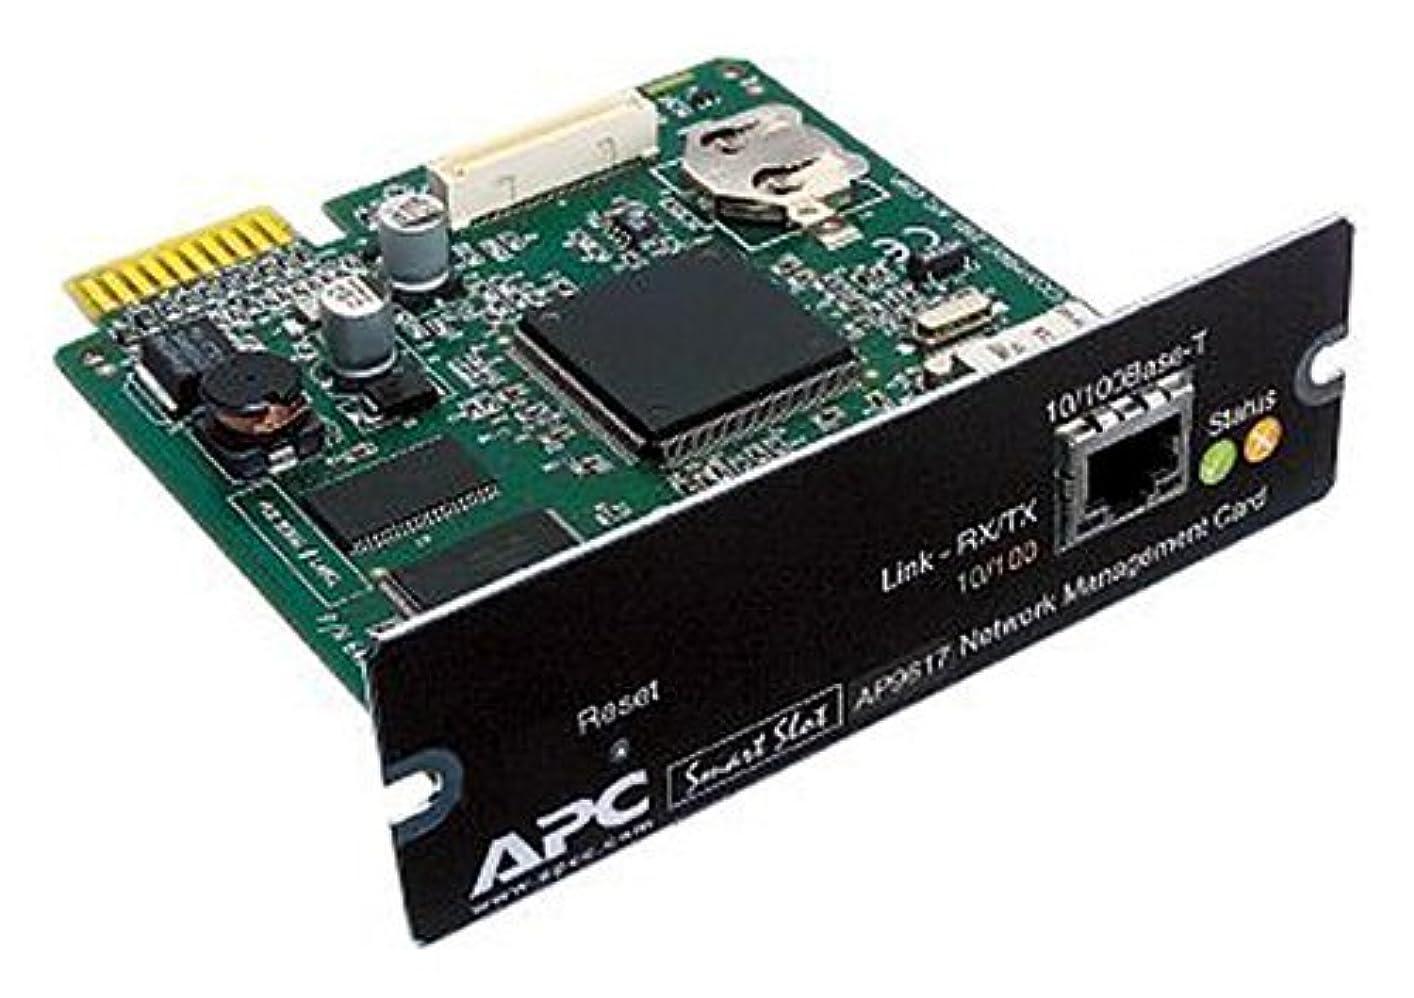 マインド思春期が欲しいAPC AP9617 Network Management Smartslot Card (10/100) [並行輸入品]